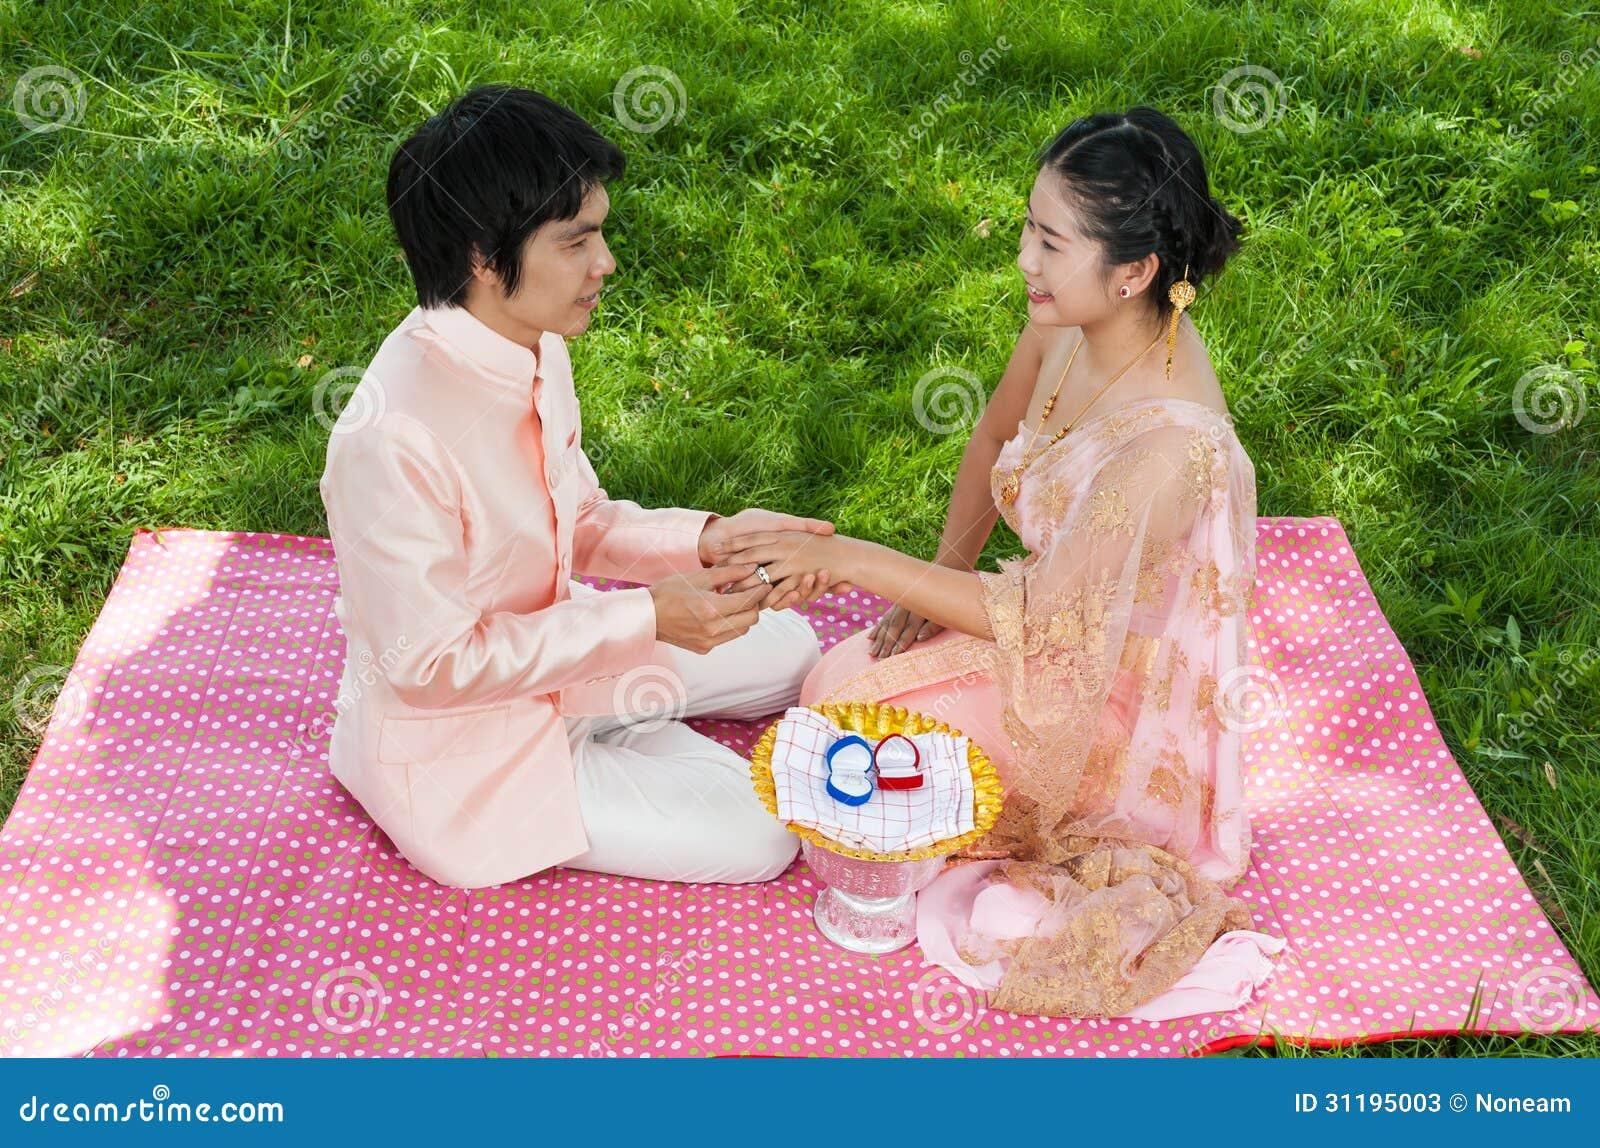 MARIAGE THALANDAIS - YouTube